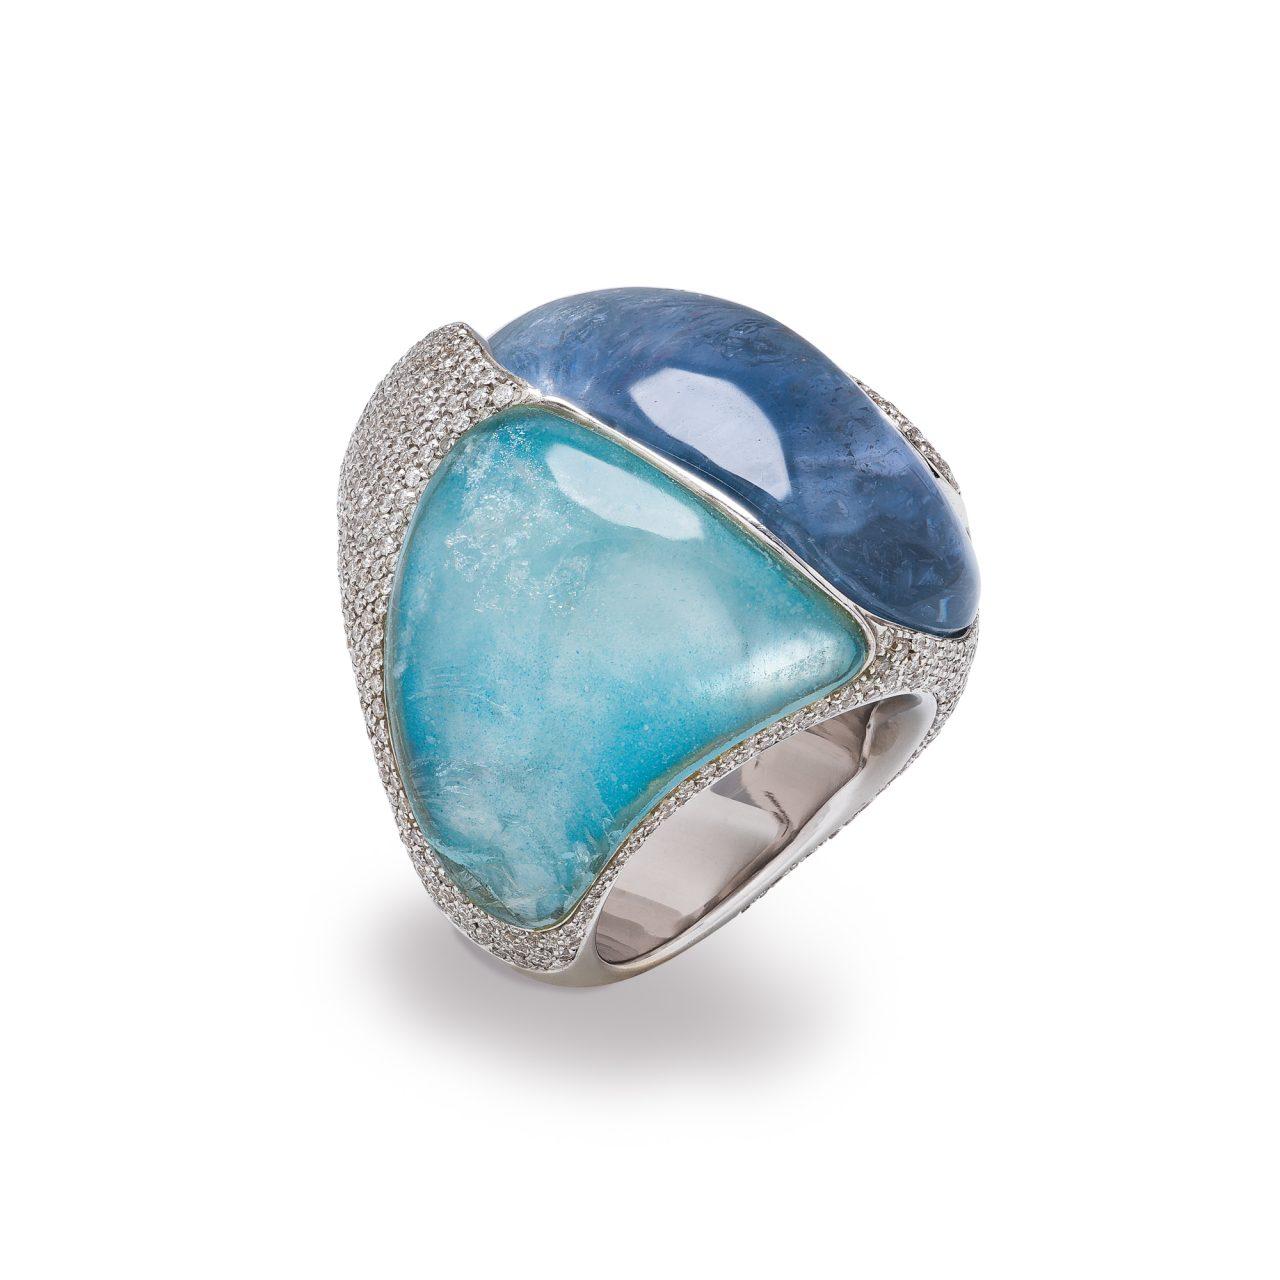 18k white gold ring with Burma Sapphire, Aquamarine and Diamonds